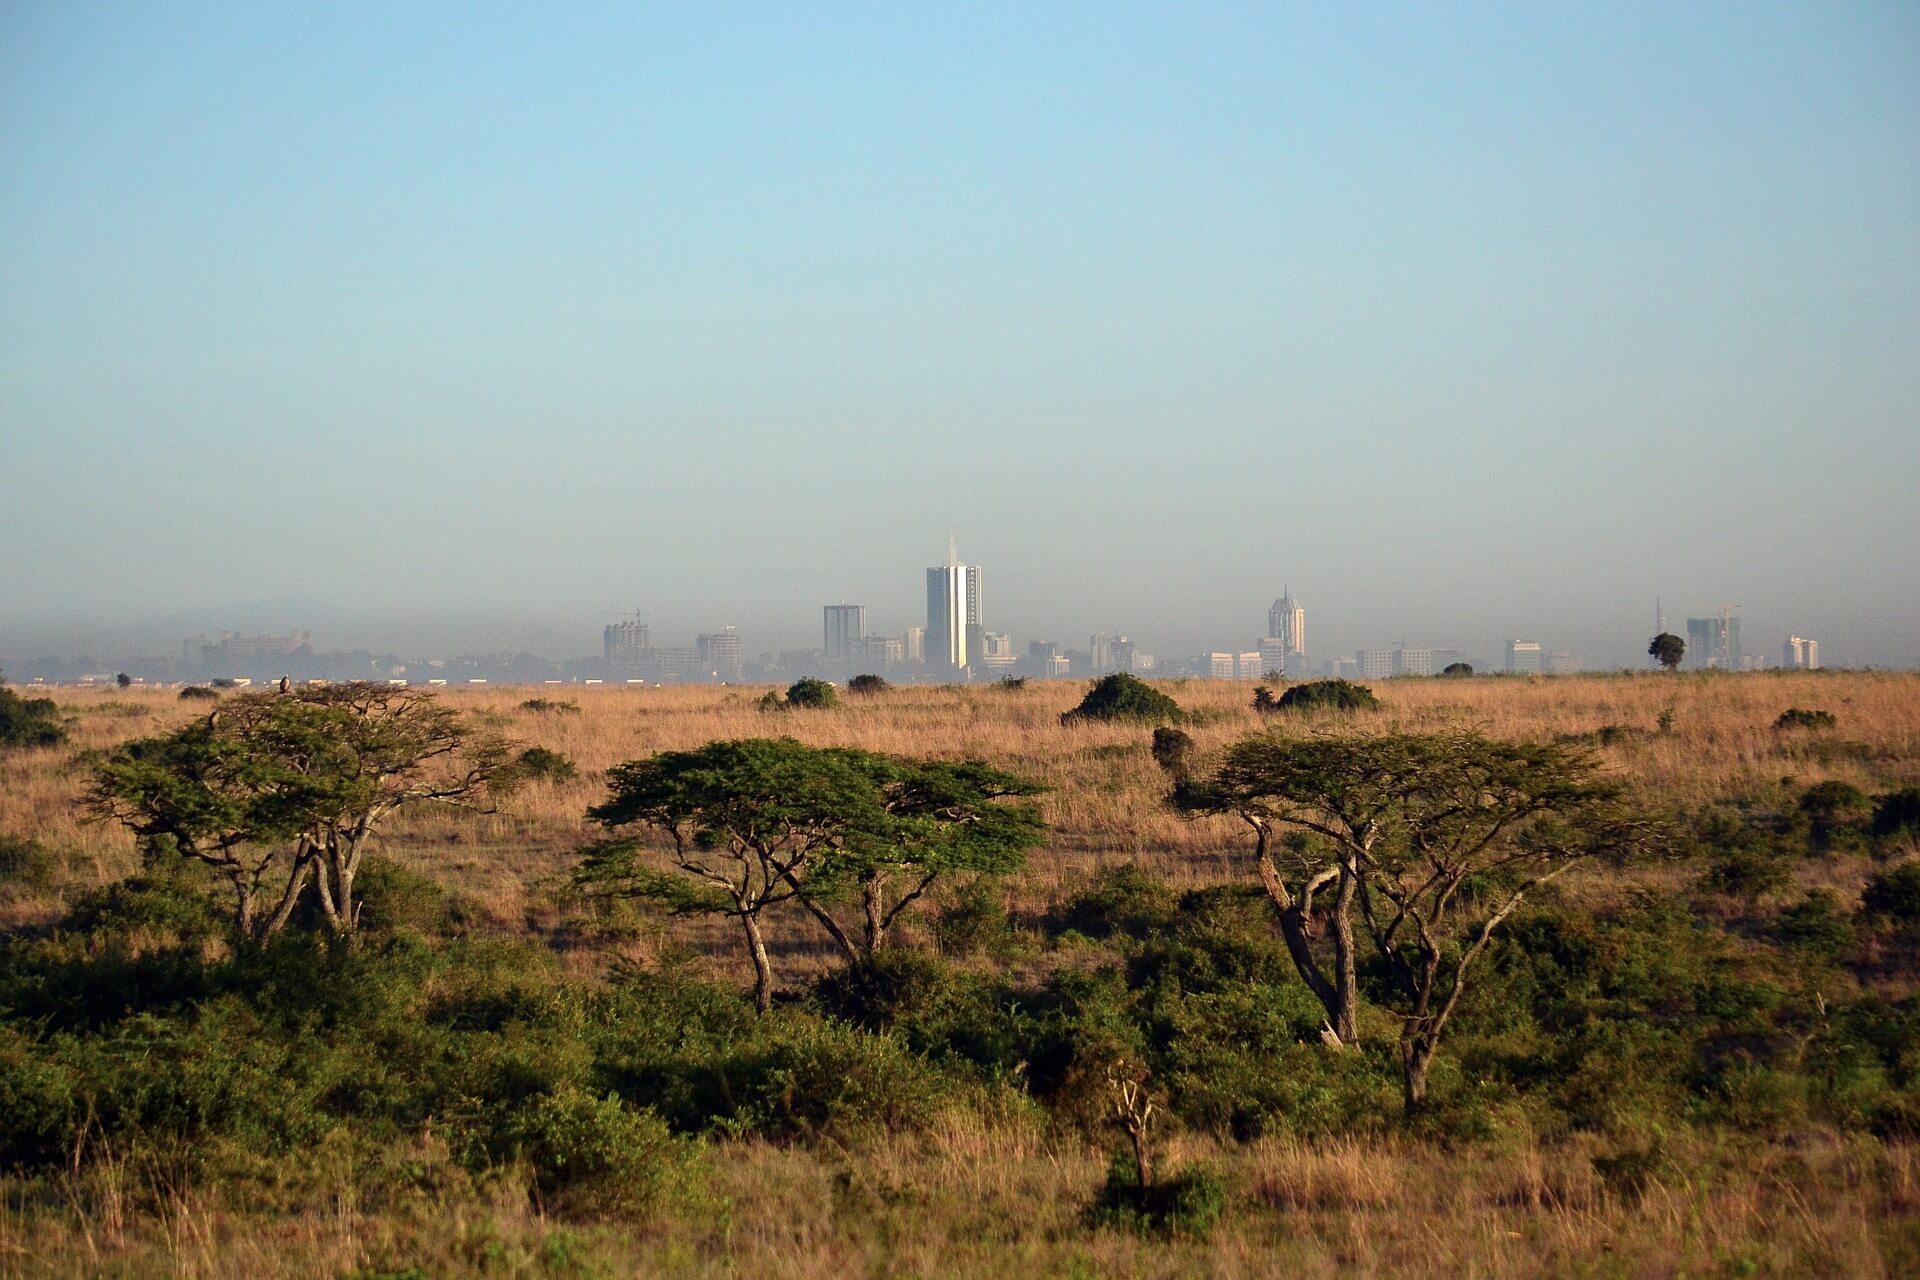 Direktflüge und Billigflüge ab Frankfurt nach Nairobi